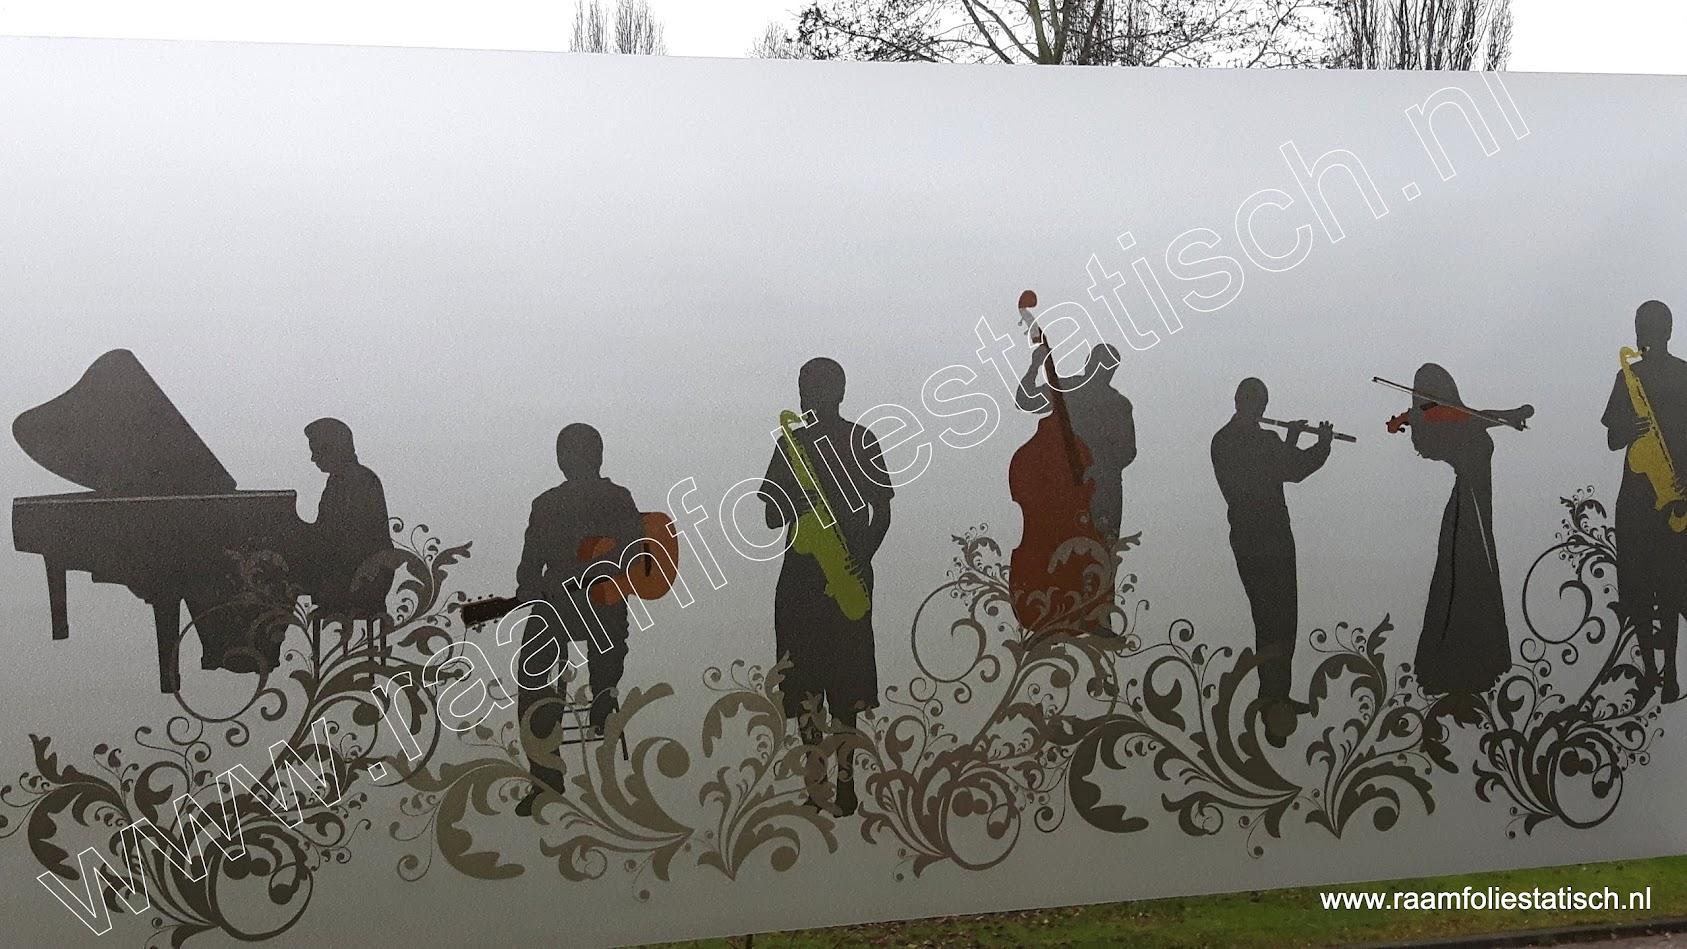 Statische raamfolie muziek / music